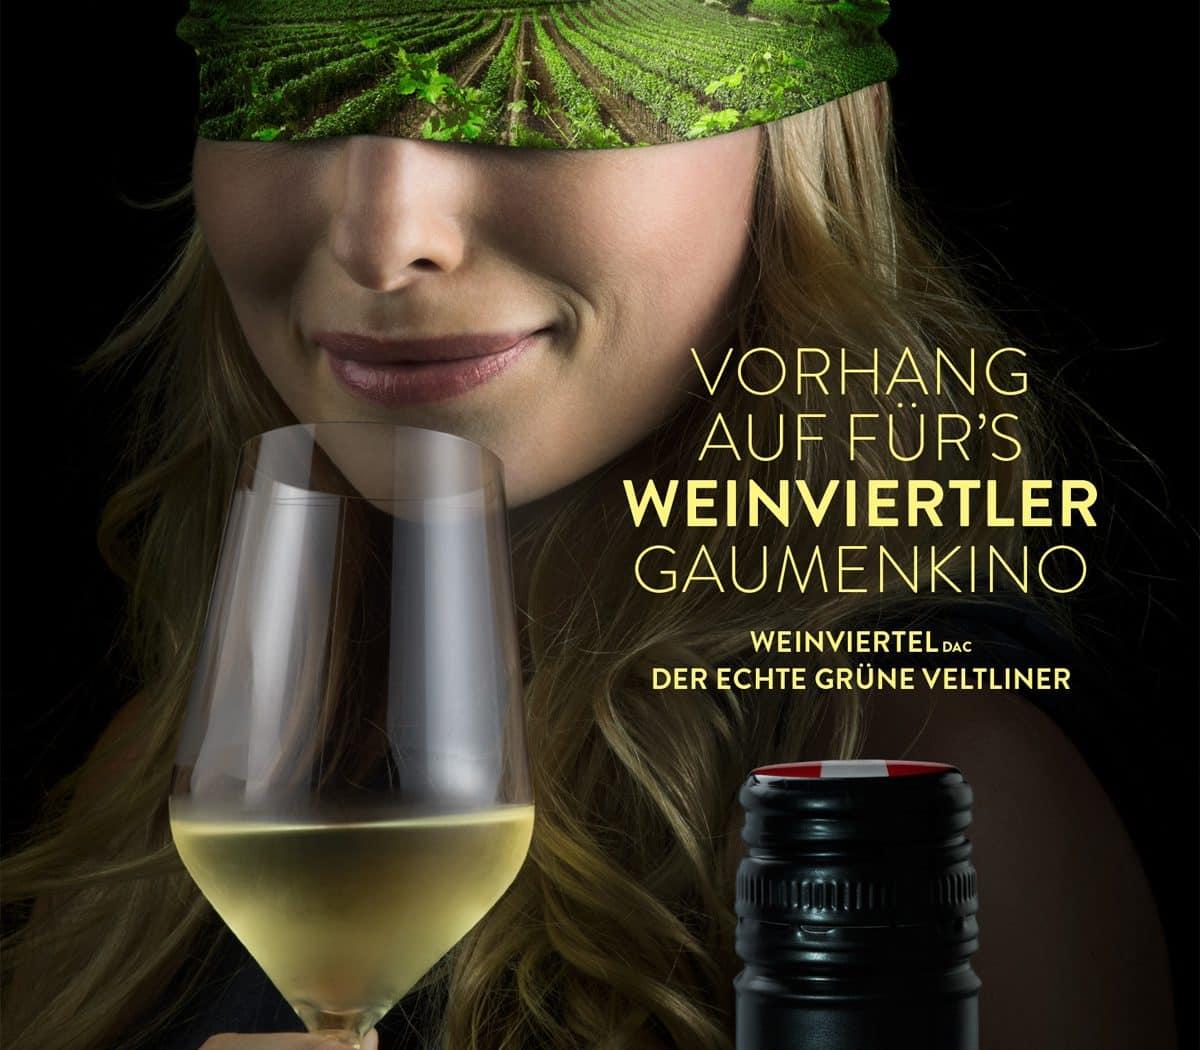 Frau kostet Wein mit verbundenen Augen. Text im Bild Weinviertler Gaumenkino